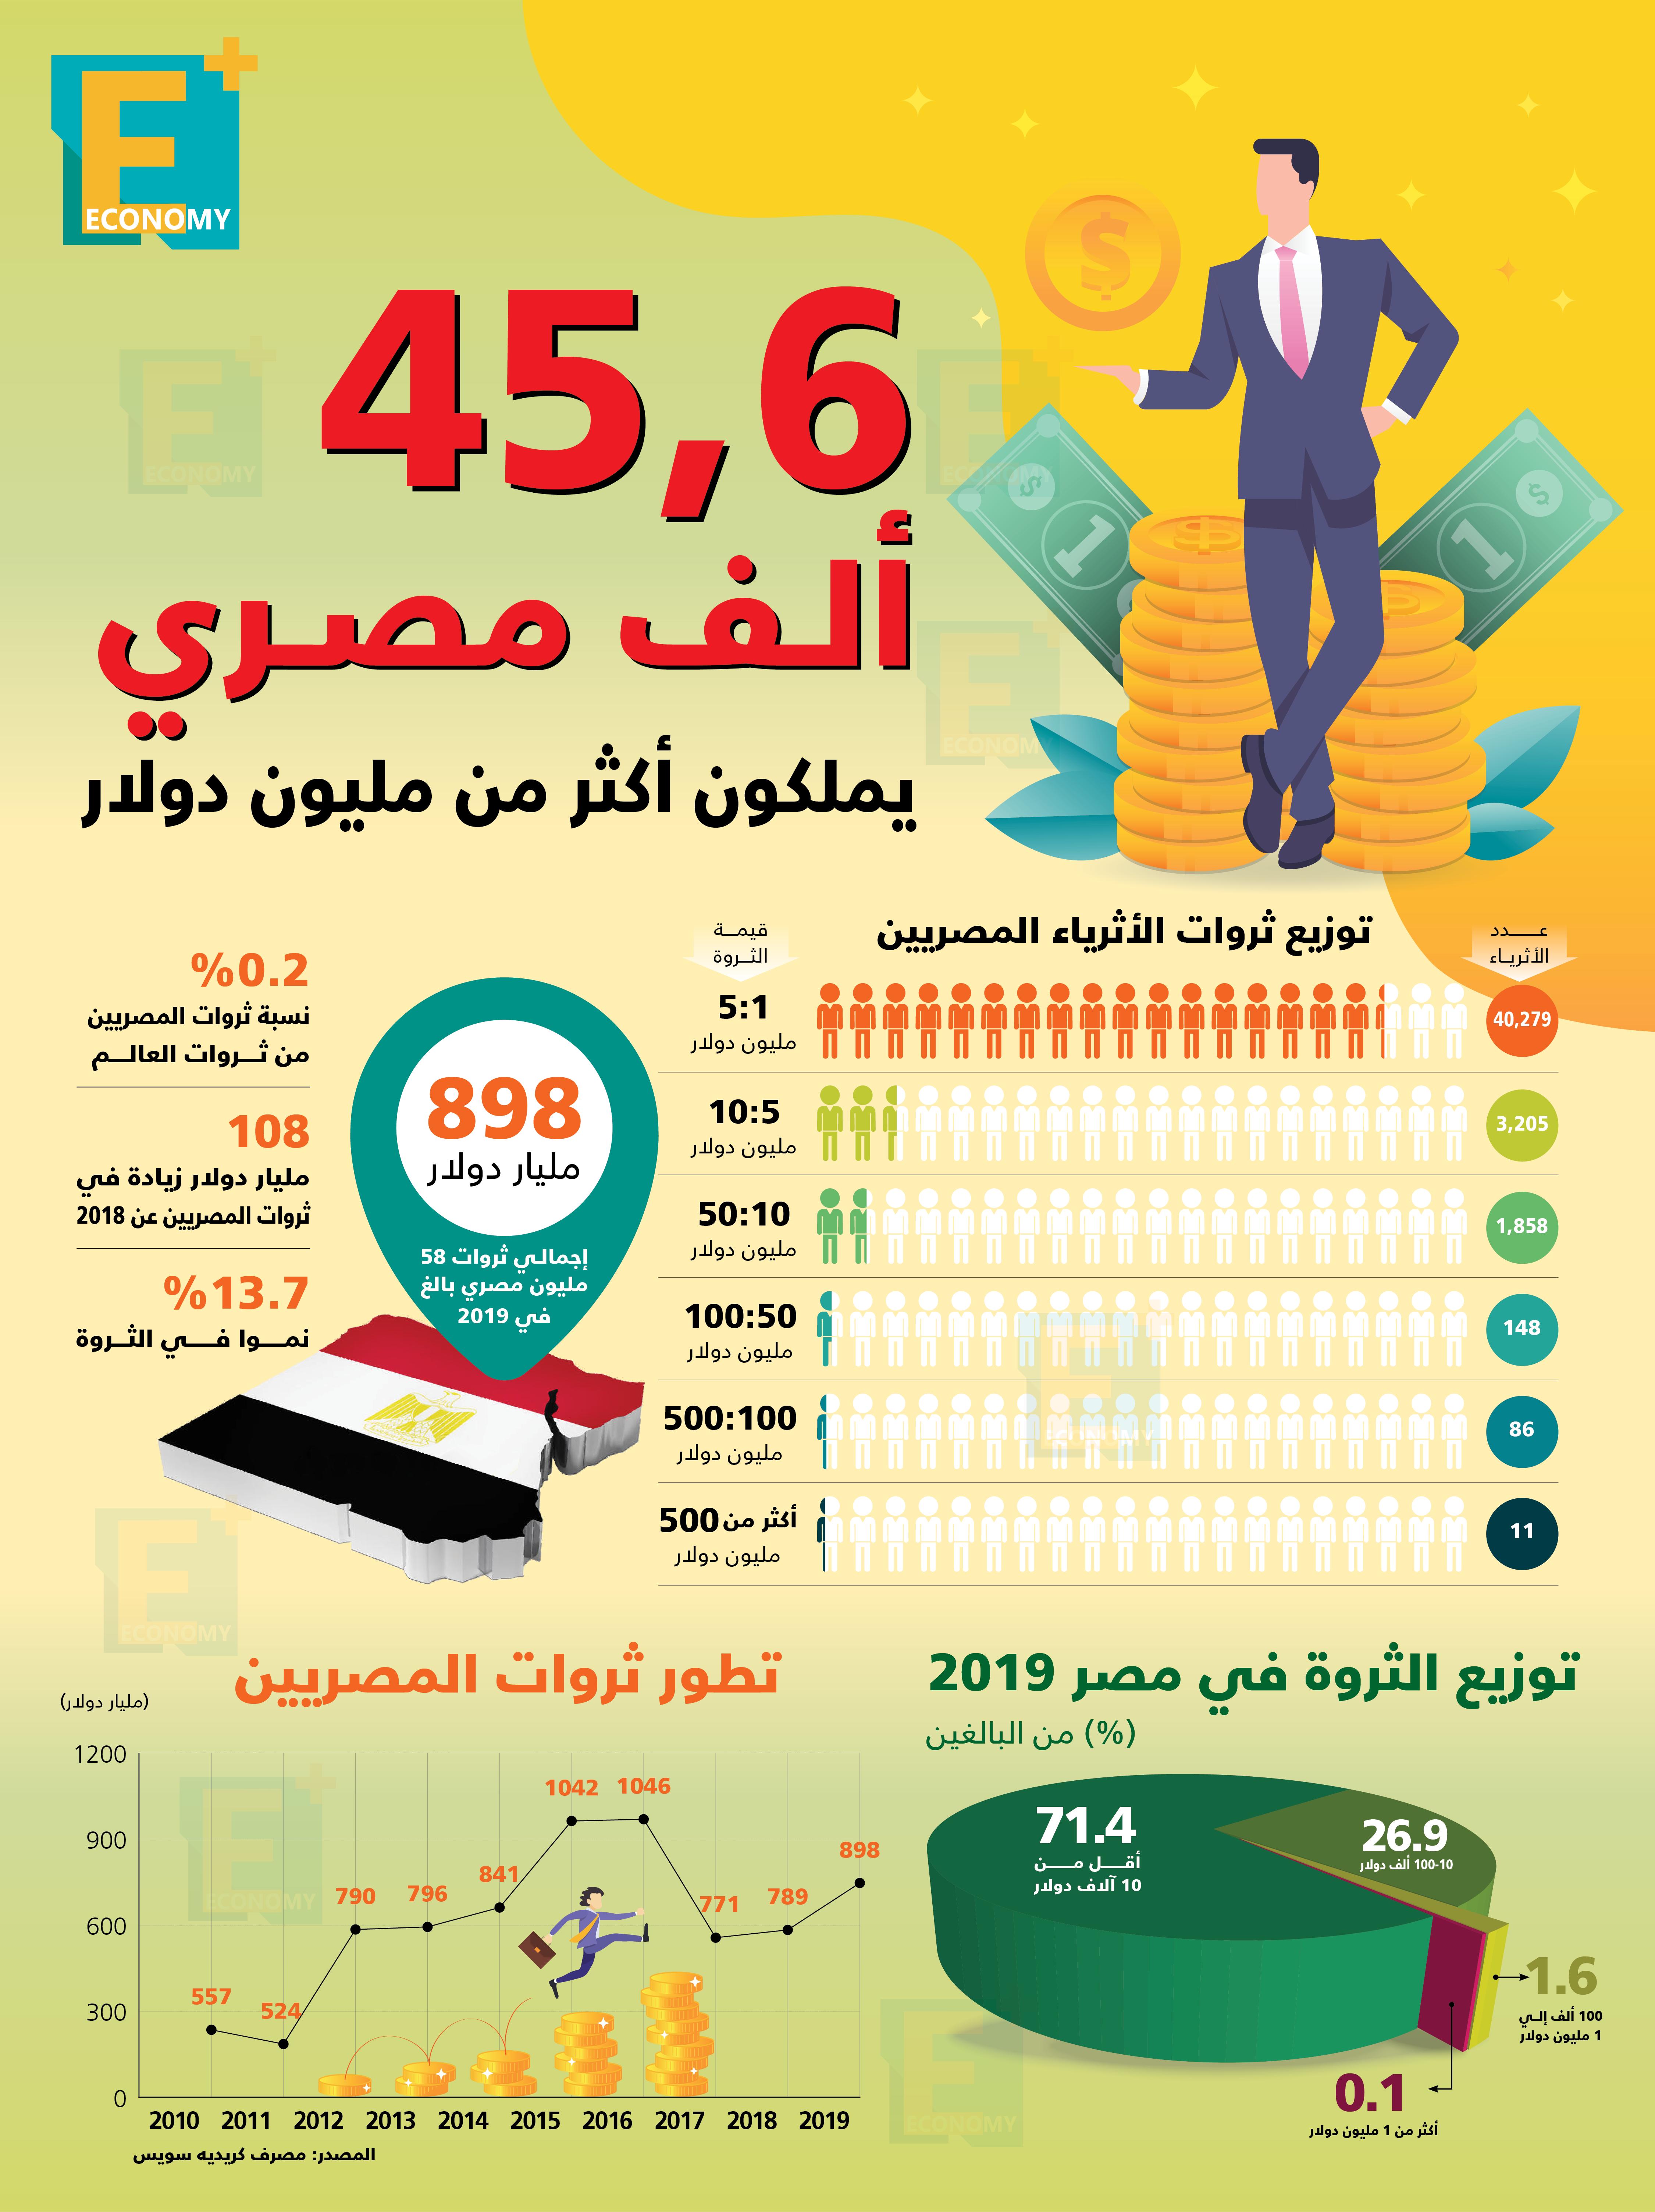 45.6 ألف مصري يملكون أكثر من مليون دولار